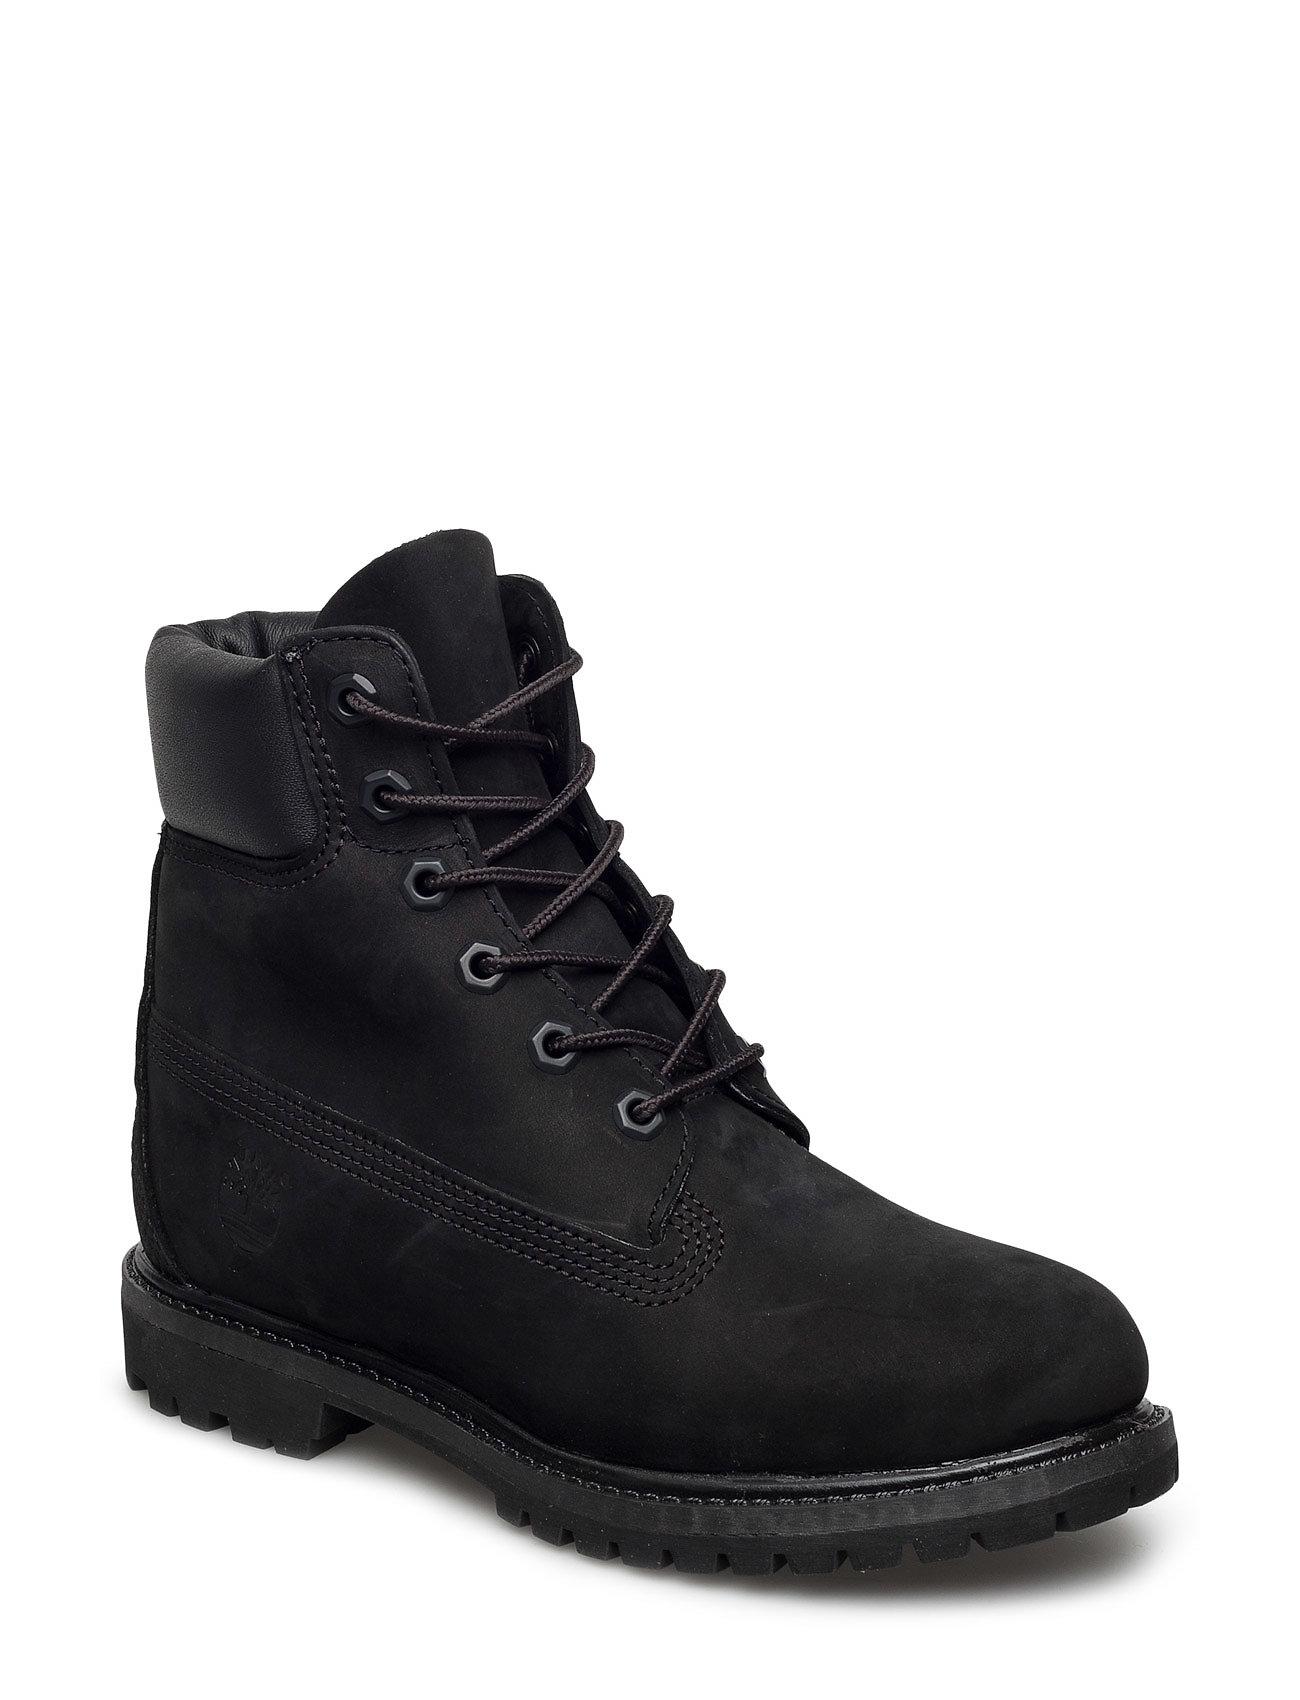 Heren Timberland Boots online kopen? Vergelijk op Schoenen.nl